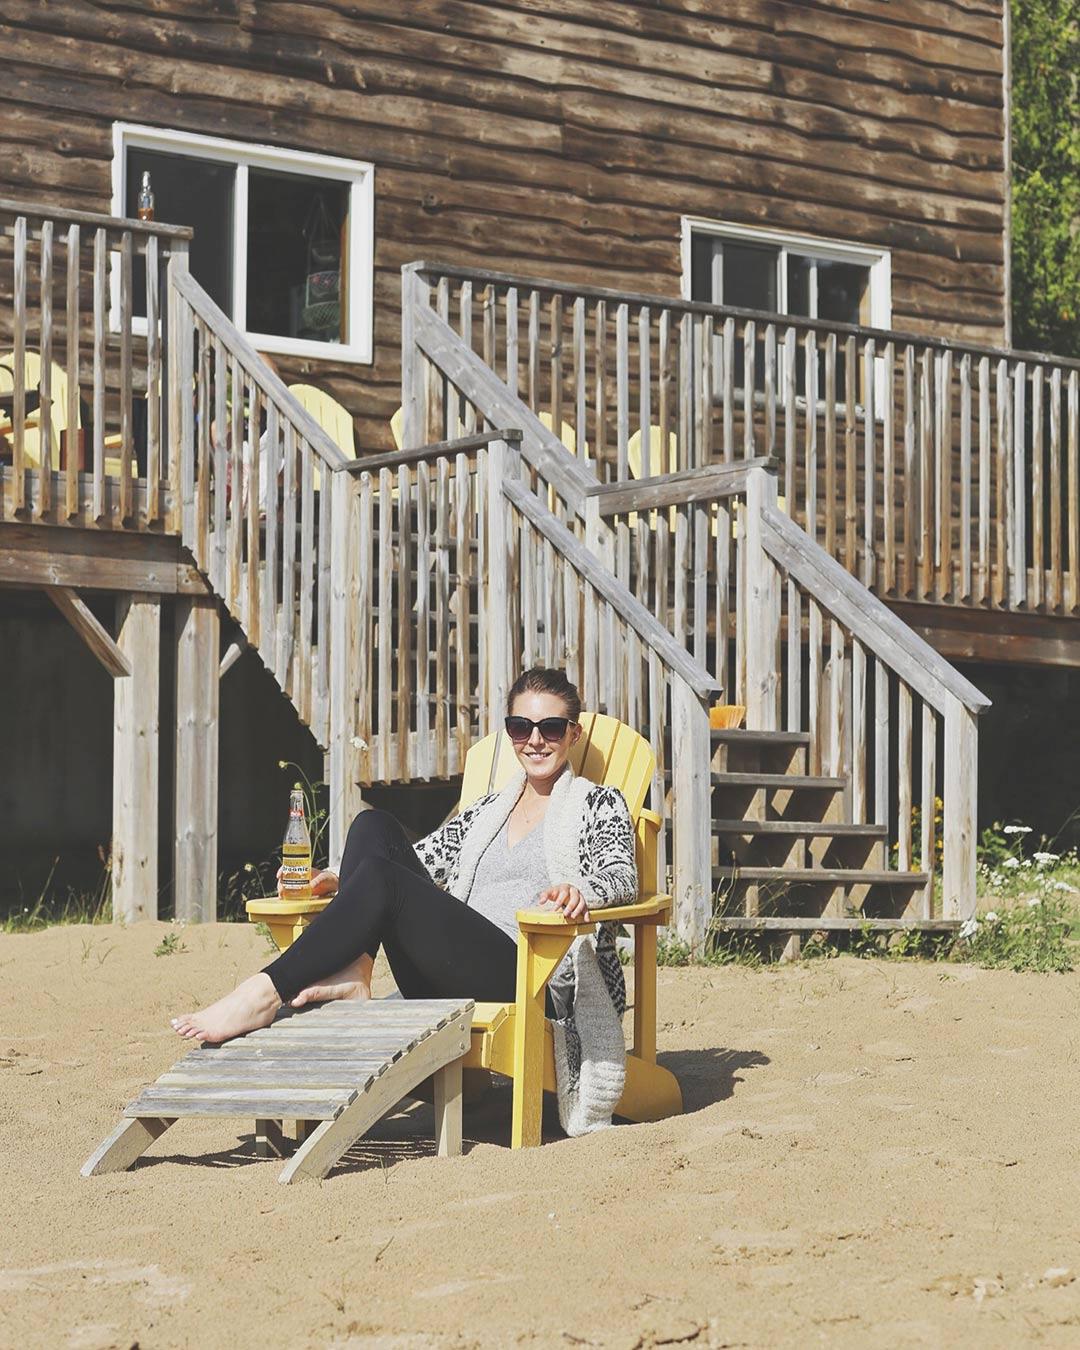 Relaxing-Cottage-Rental-Miller-Lake